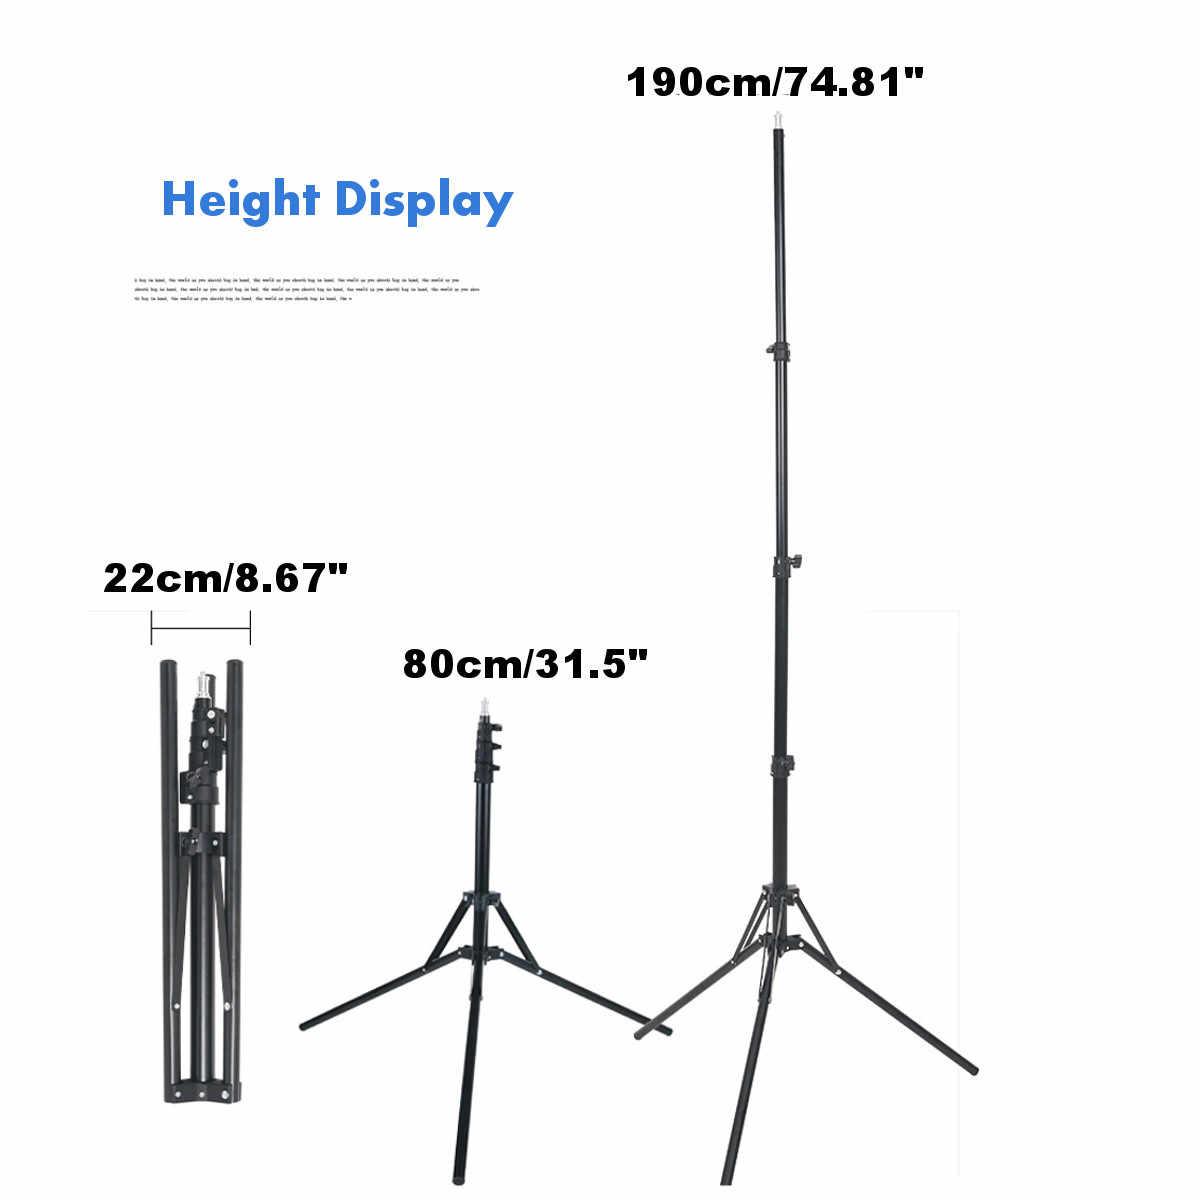 80-190 ซม.การถ่ายภาพขาตั้งกล้องสตูดิโอแฟลชโทรศัพท์มือถือร่มสีดำ